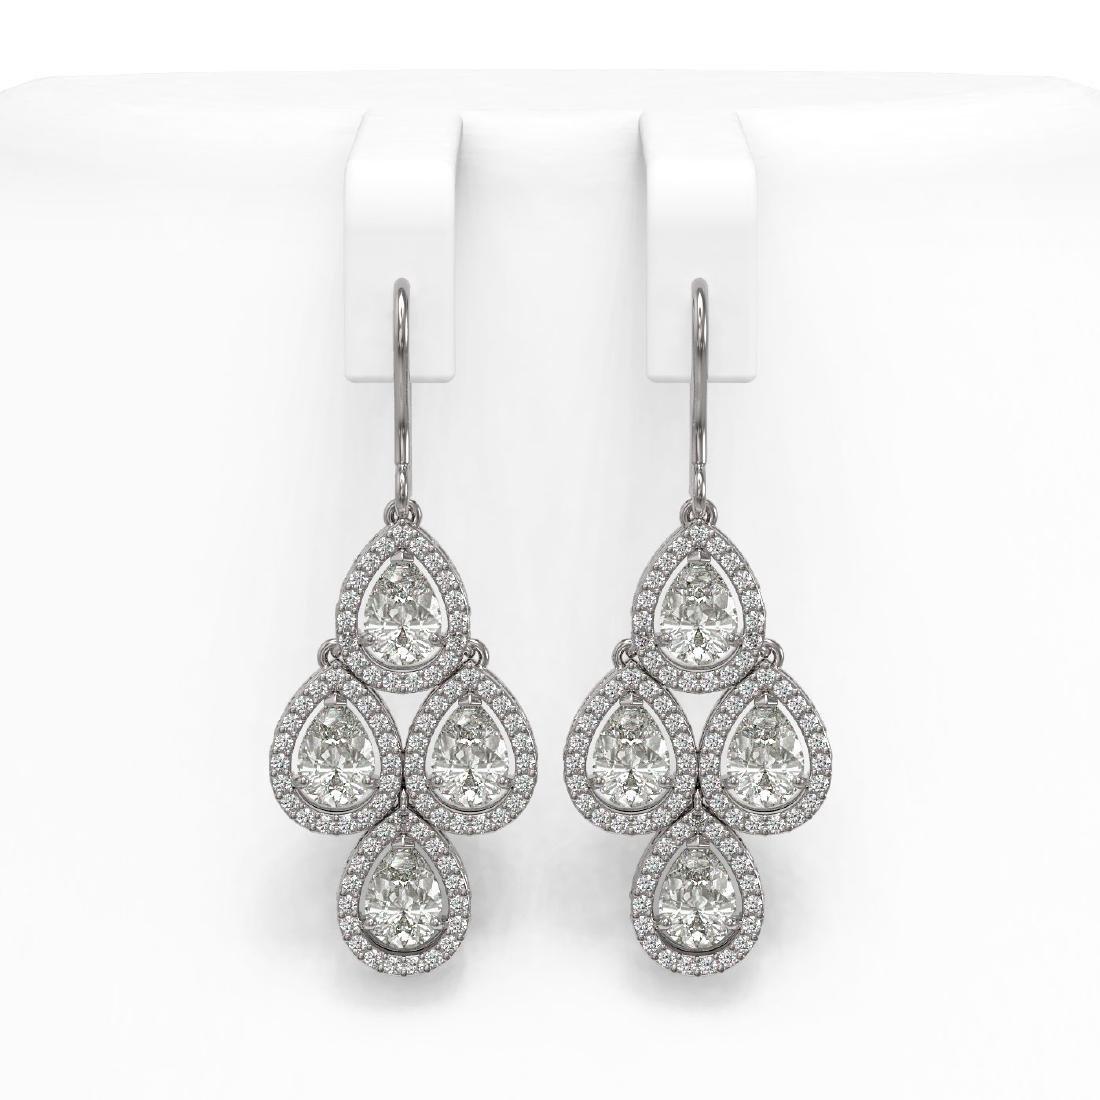 5.22 CTW Pear Diamond Designer Earrings 18K White Gold